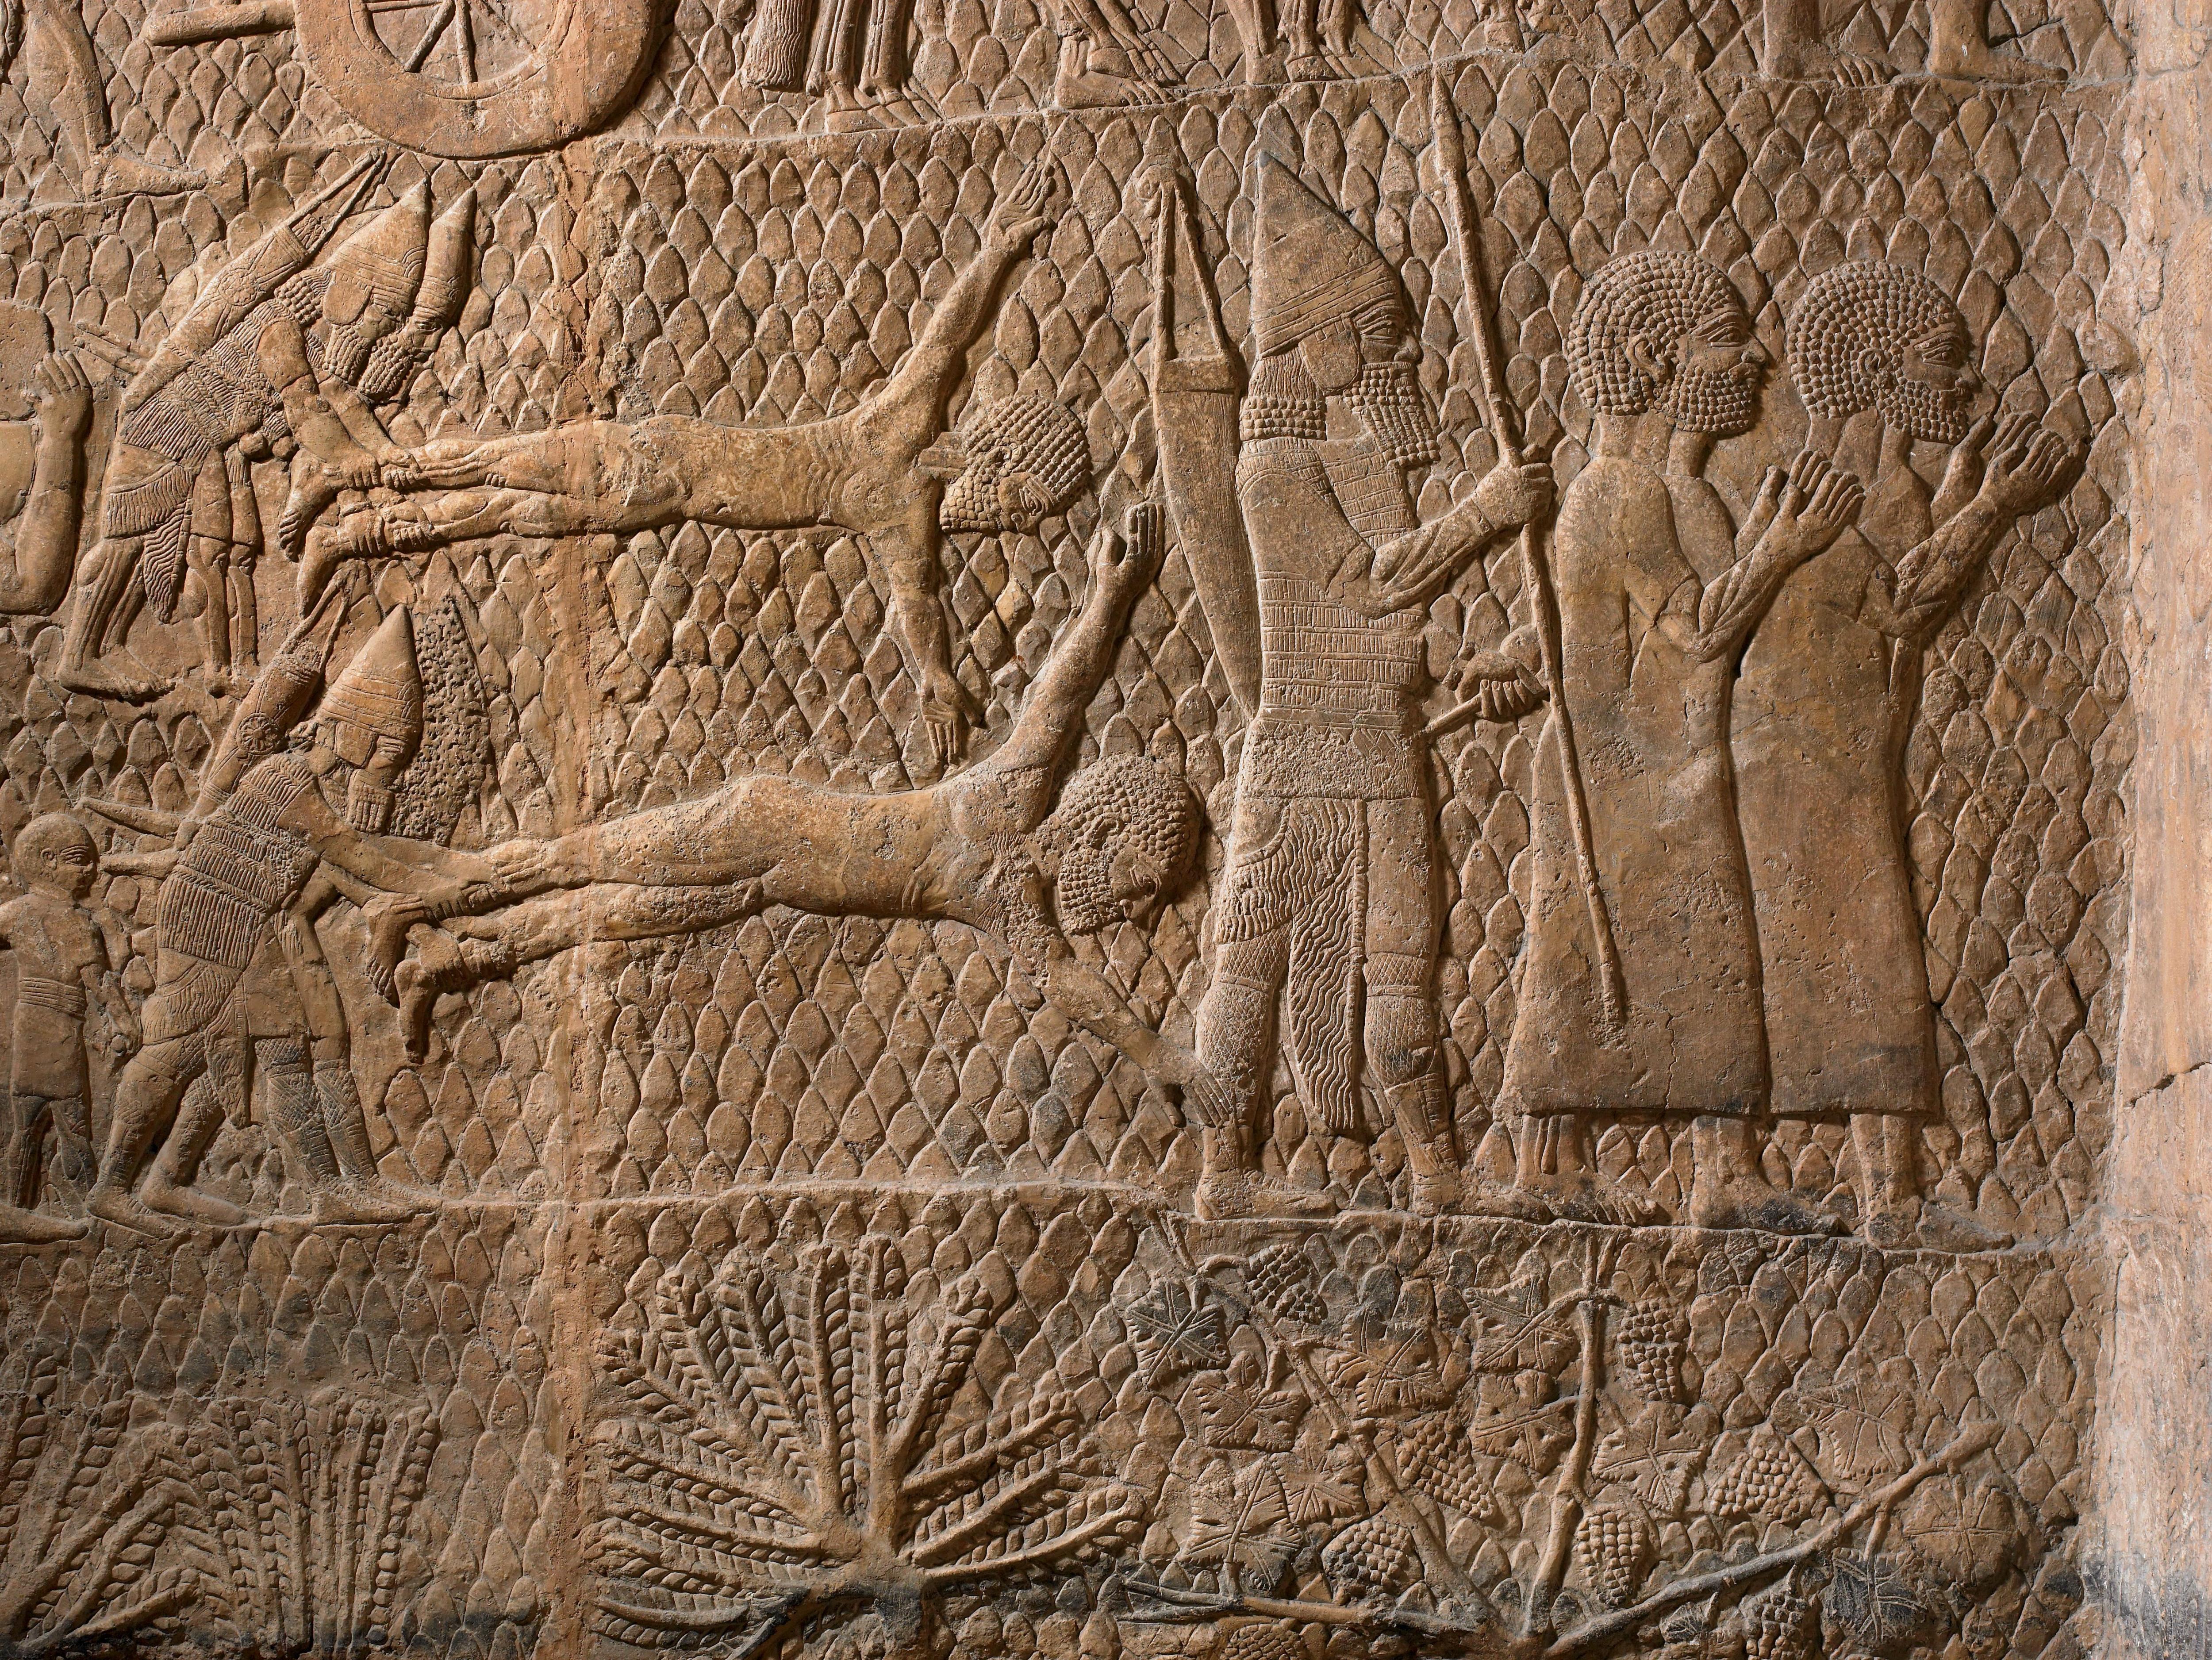 上图:拉吉之围浮雕(Siege of Lachish Relief)的一部分,描绘亚述士兵摔死和掳走俘虏。亚述的恐怖行为,给希西家和百姓都造成了极大的压力。